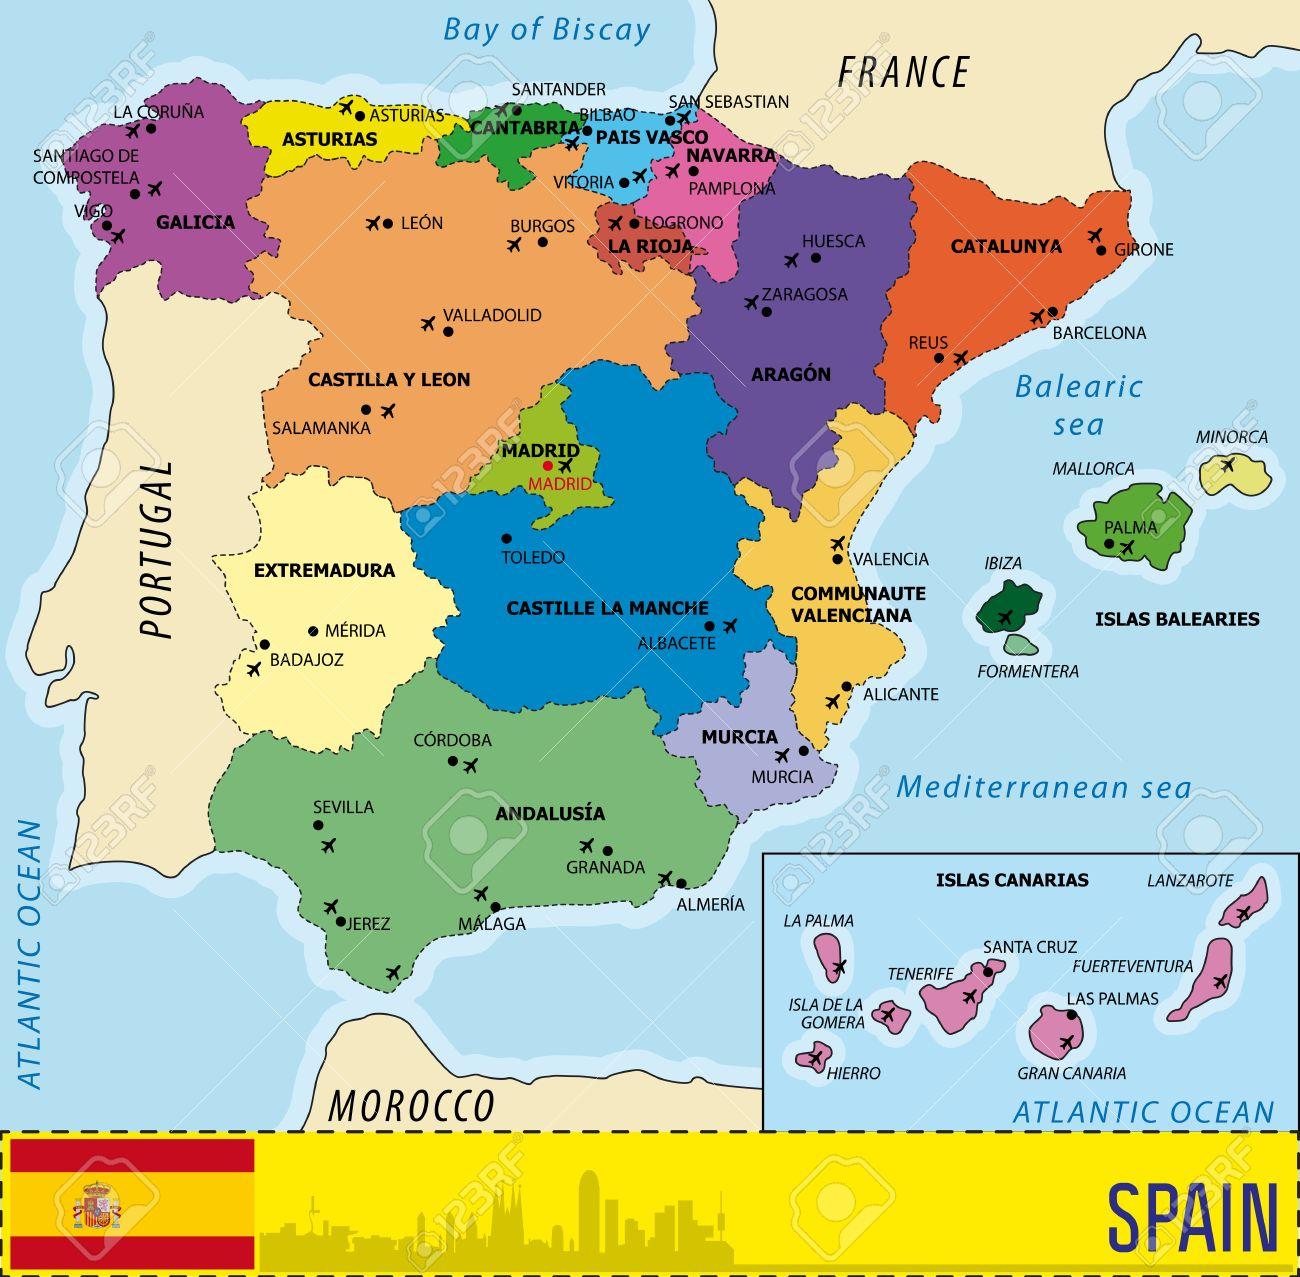 Carte Detaillee De Vecteur De L Espagne Avec Toutes Les Regions Et Avec Les Aeroports Clip Art Libres De Droits Vecteurs Et Illustration Image 51614435